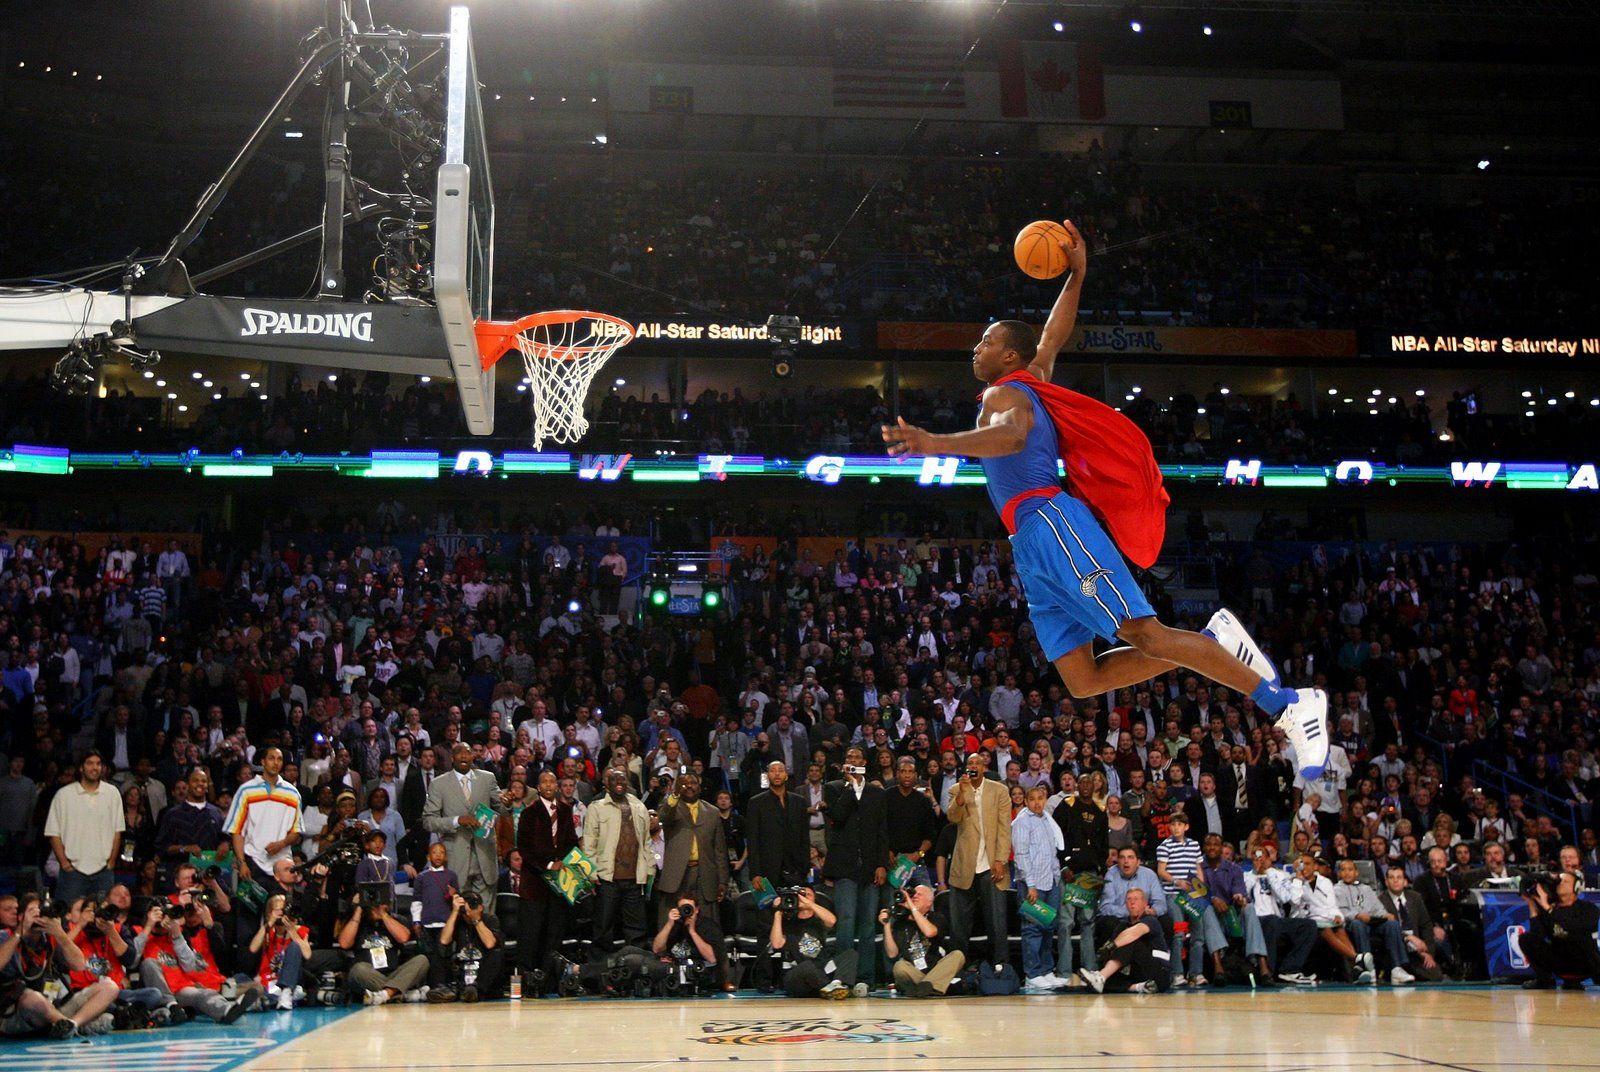 Resultado de imagem para dwight howard dunk contest